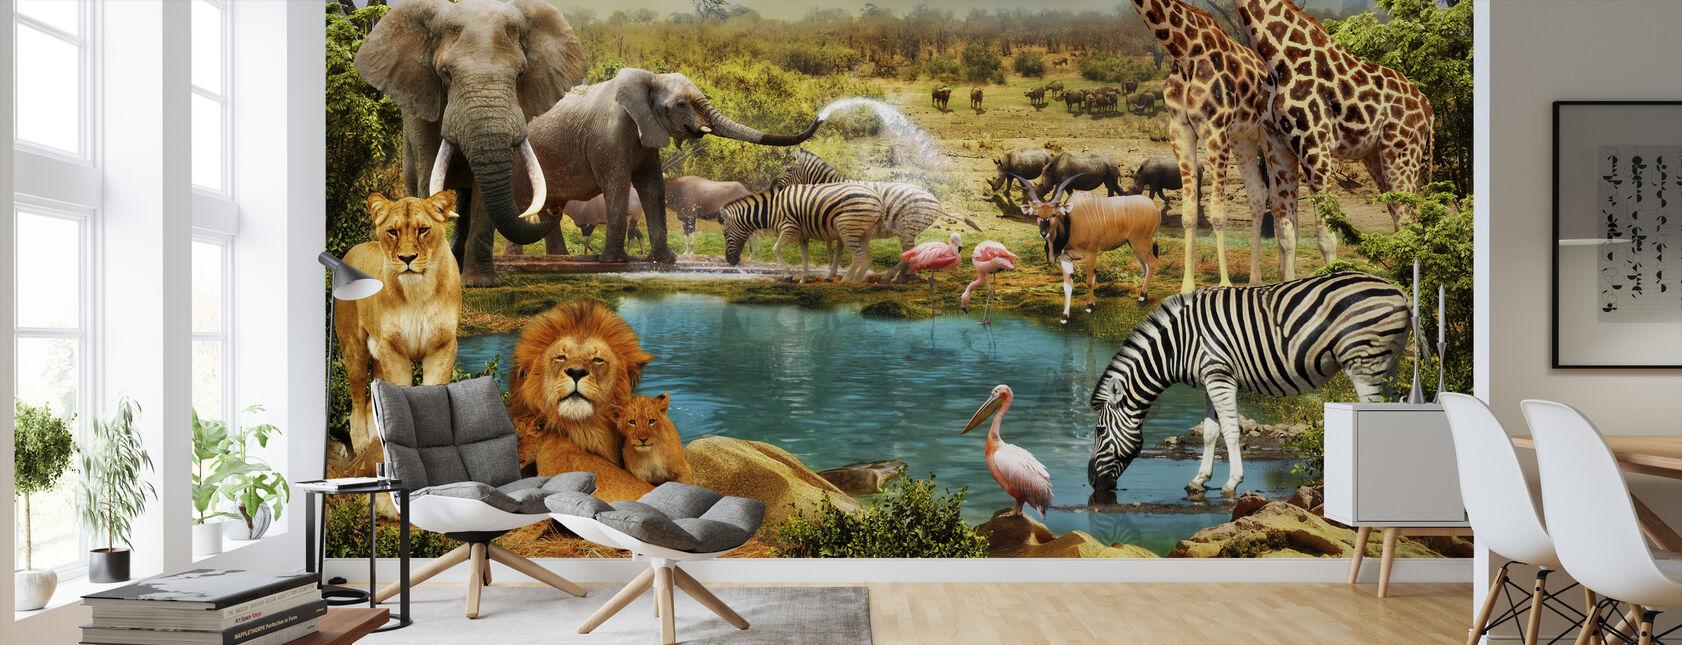 Fantasy Savanna Animals - Wallpaper - Living Room